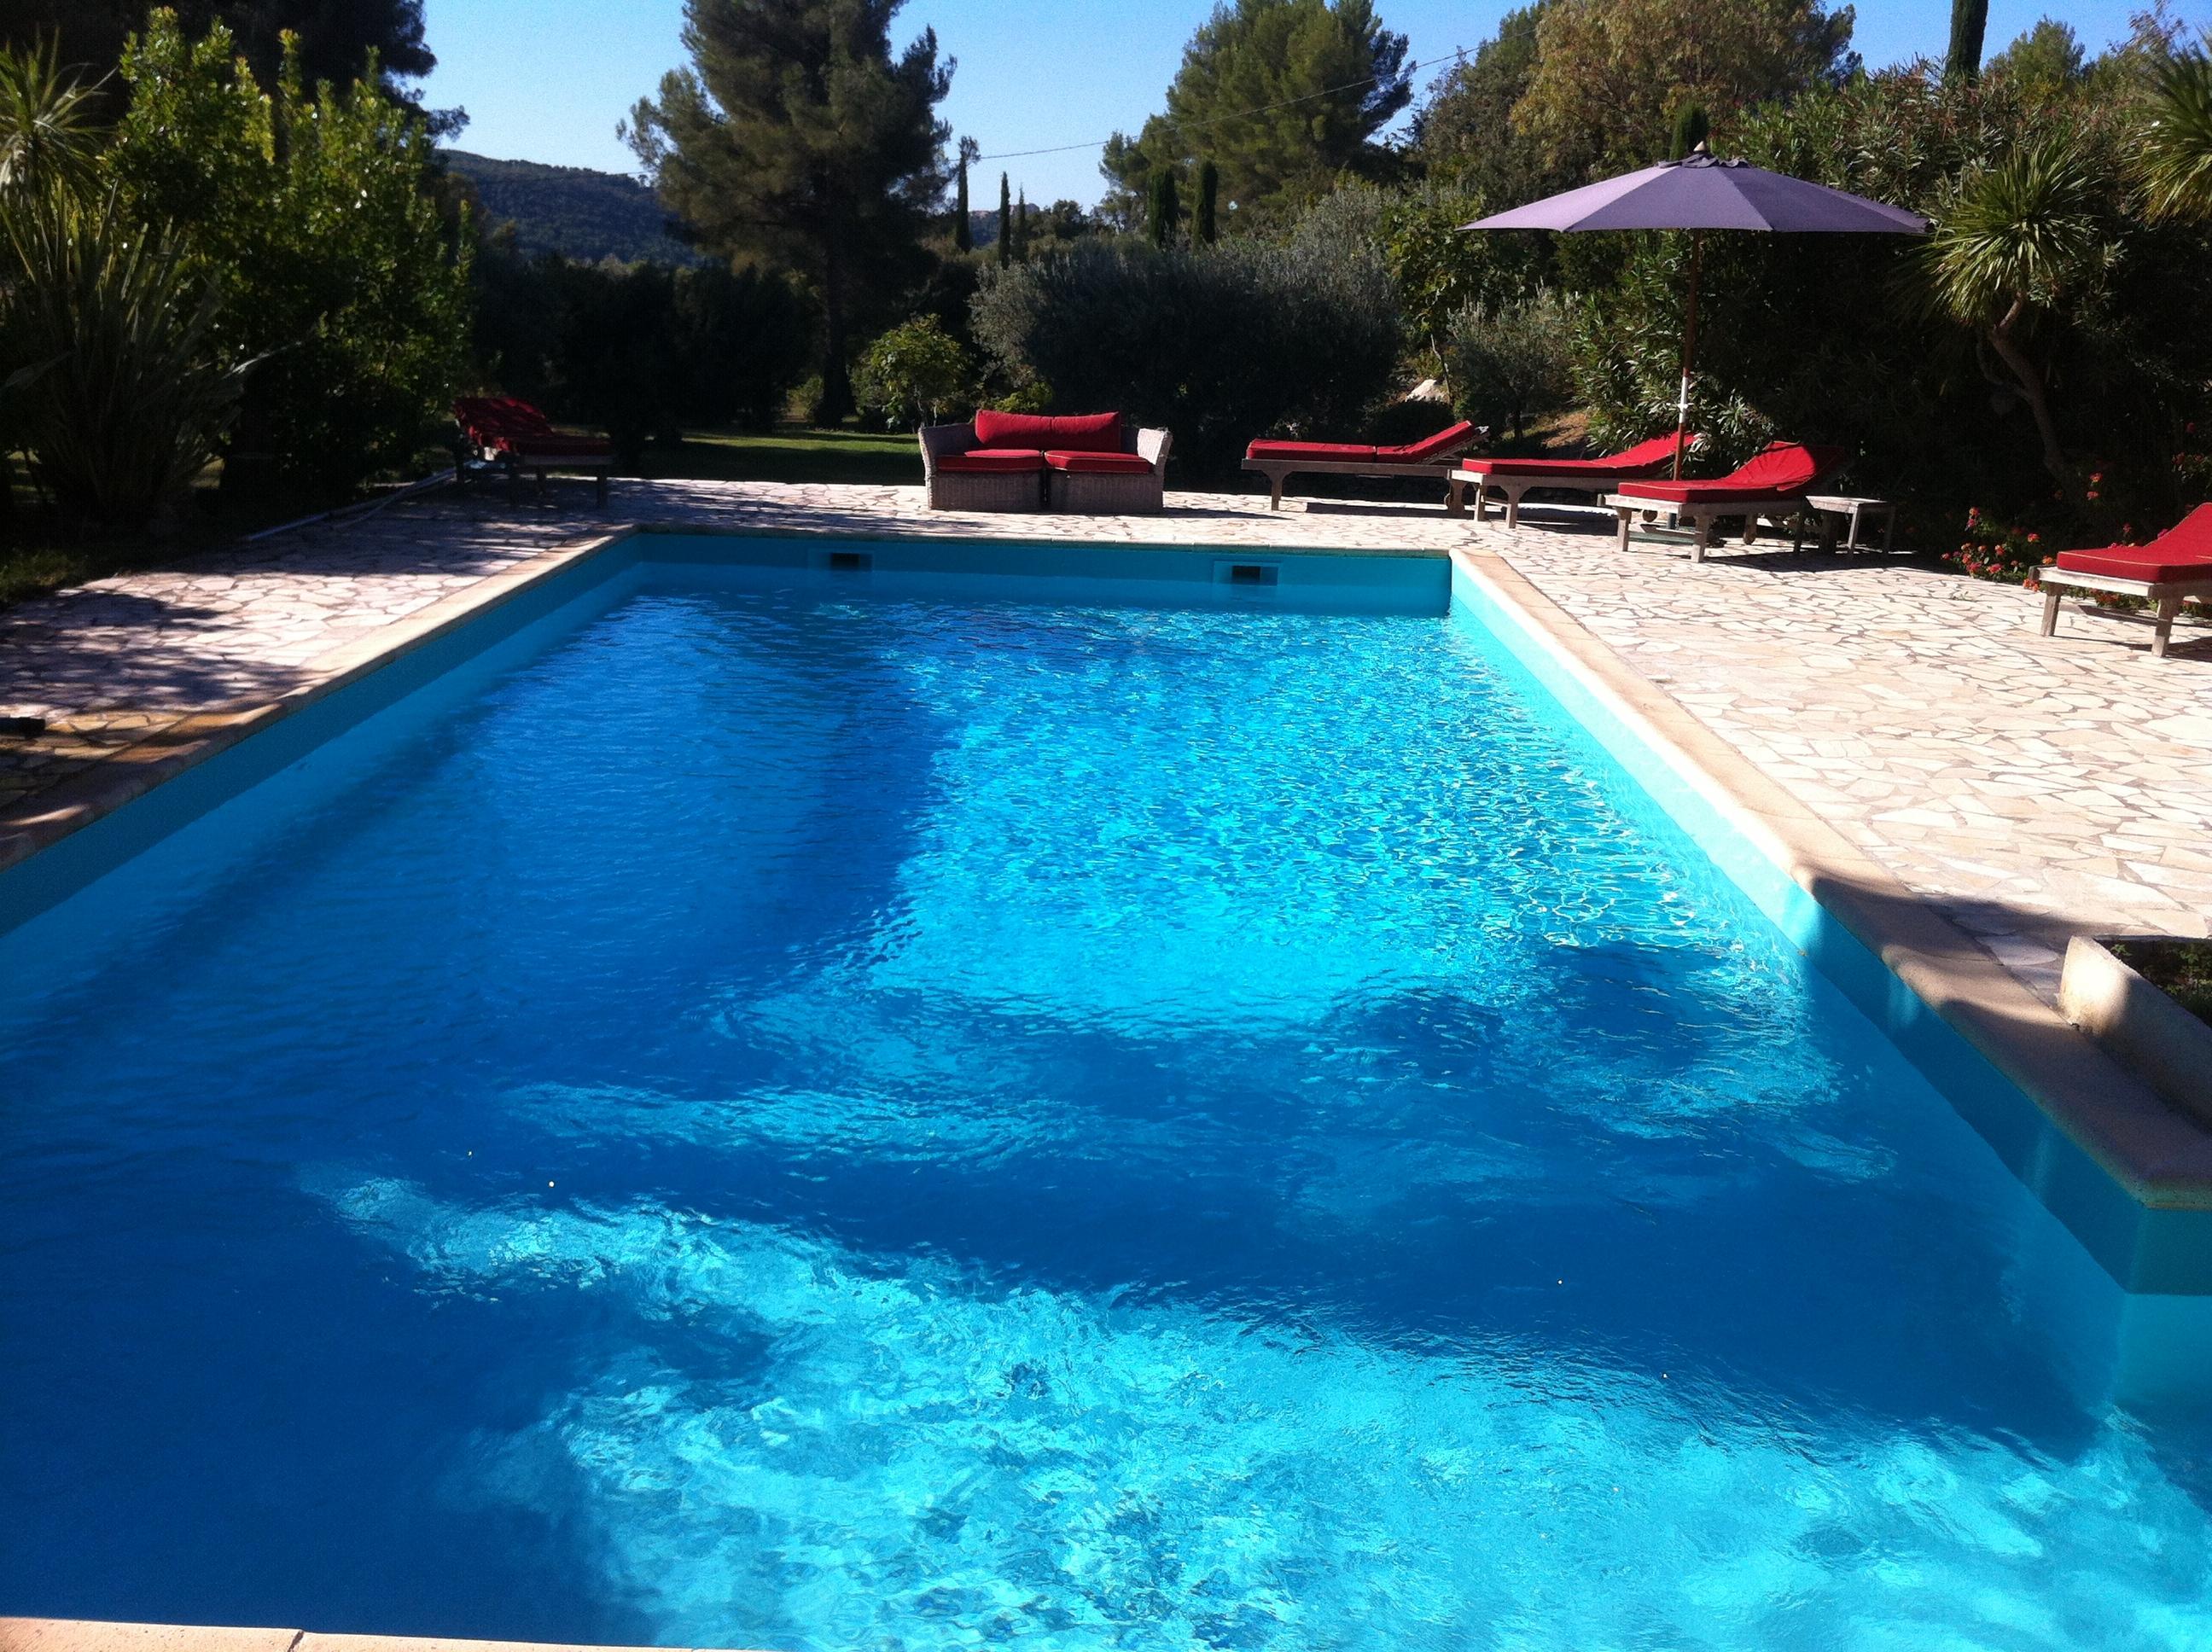 La pose d 39 un liner arm vert cara be sur une piscine au for Liner arme piscine sur mesure